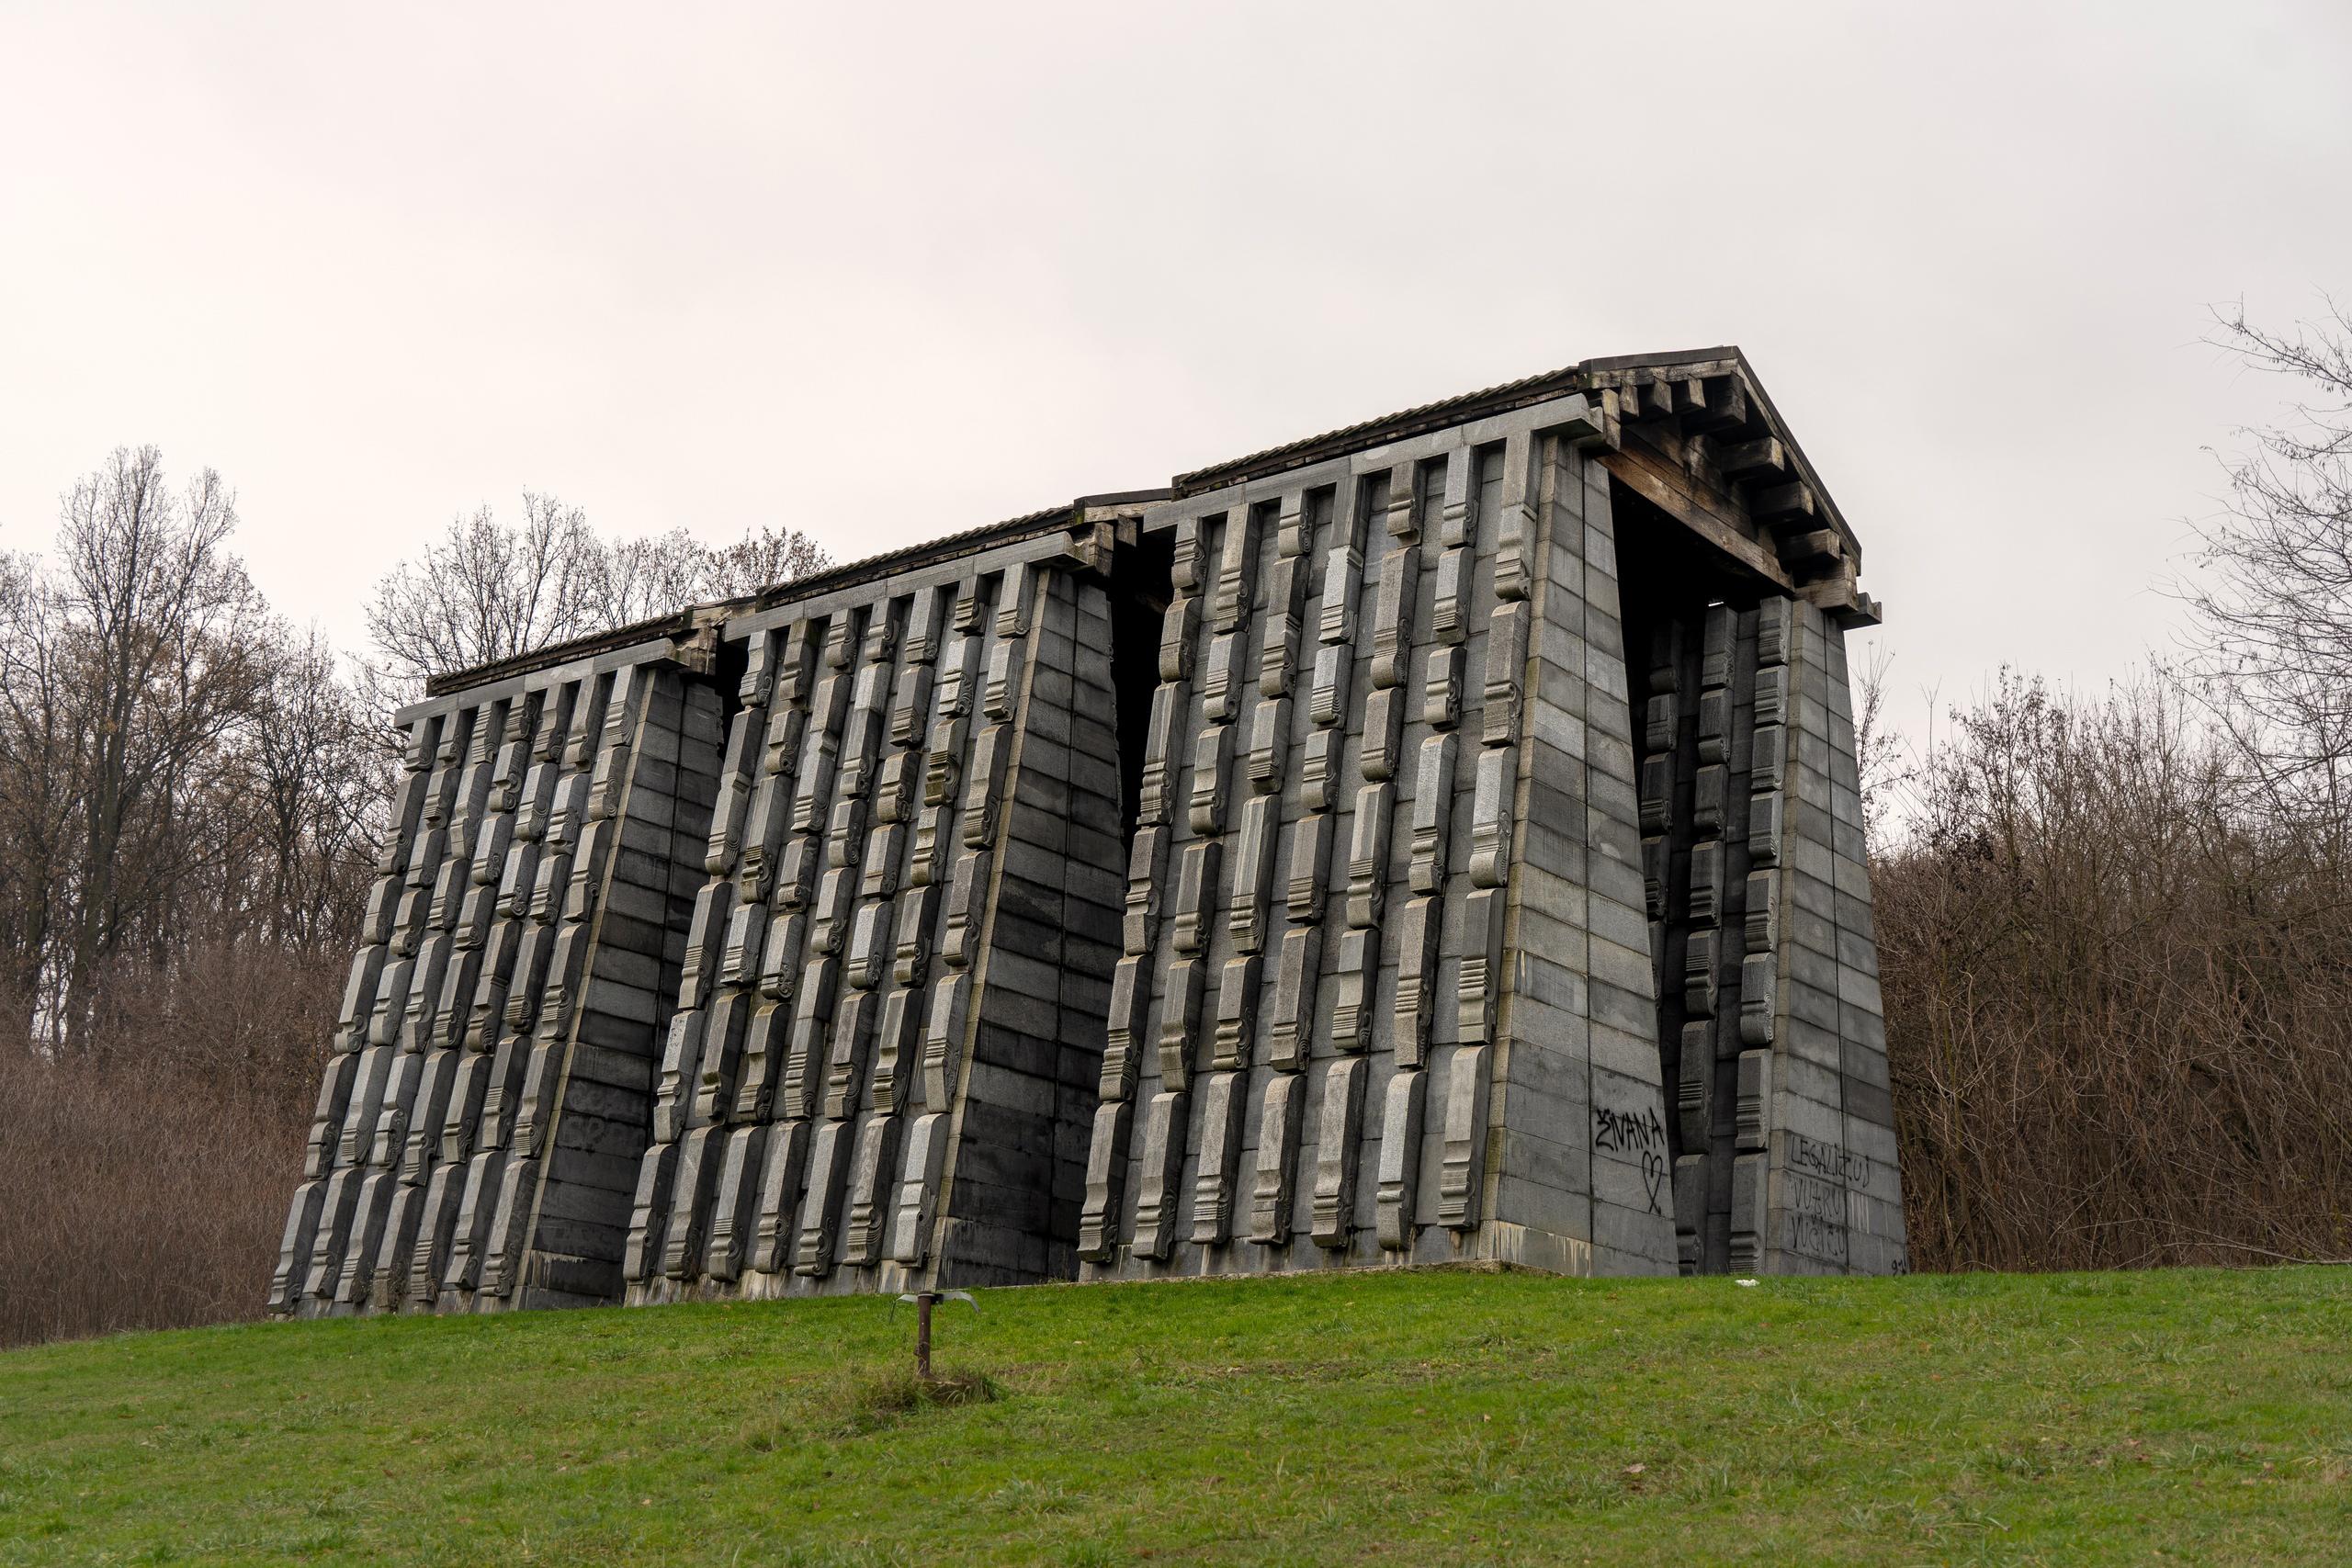 spomenik-serbia